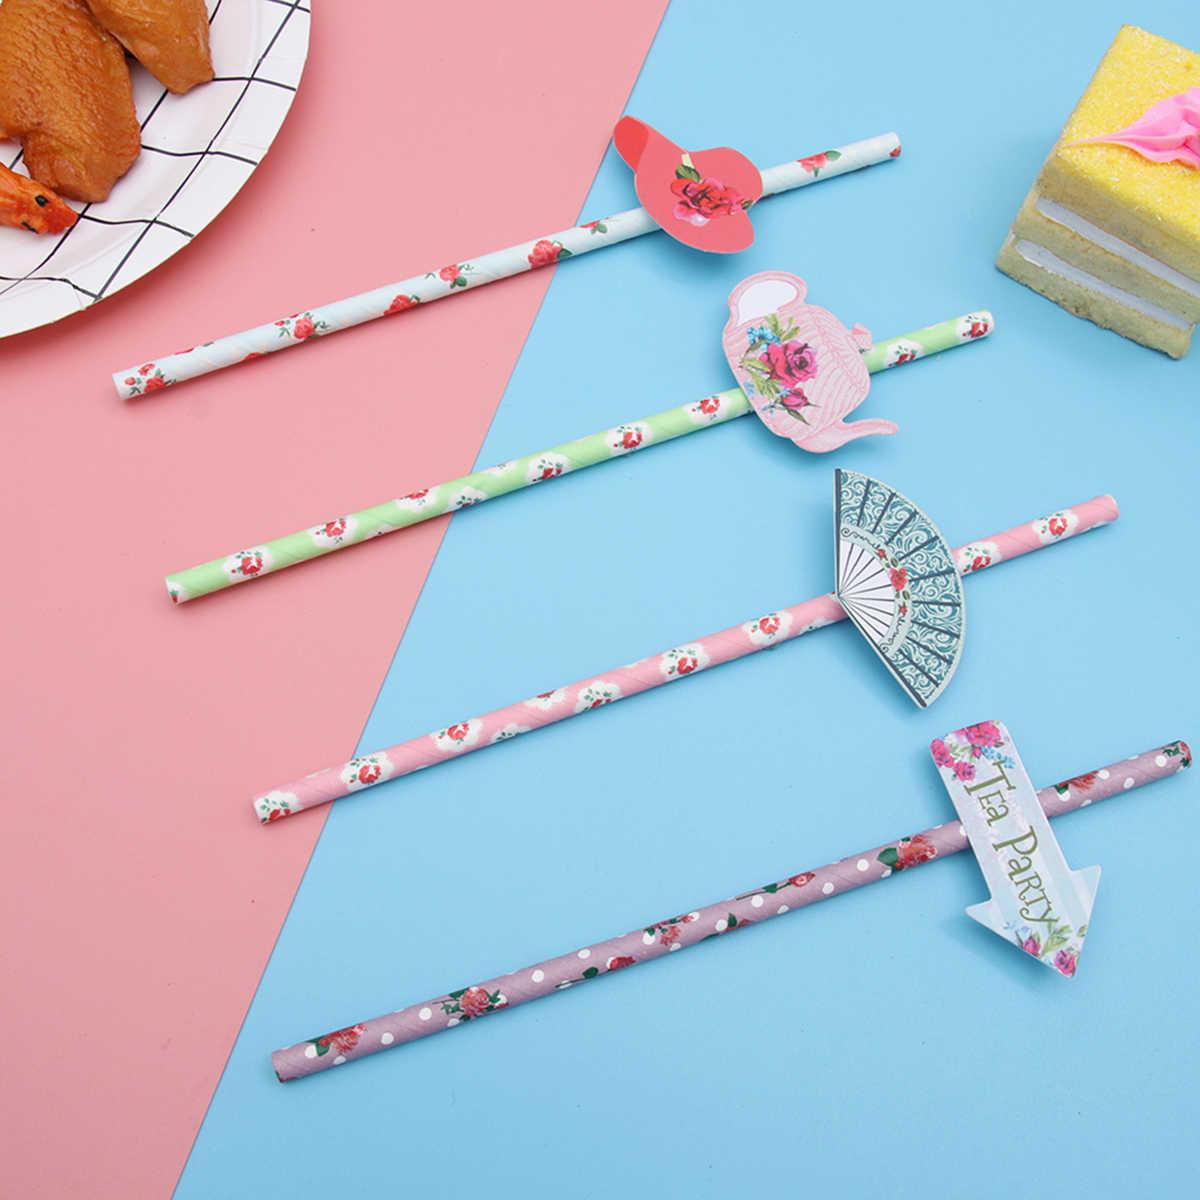 12 قطعة من القش رائعتين ورقة الإبداعية الشاي تحت عنوان 4 نمط القش أدوات الشرب لوازم الحفلات لحزب الشاي